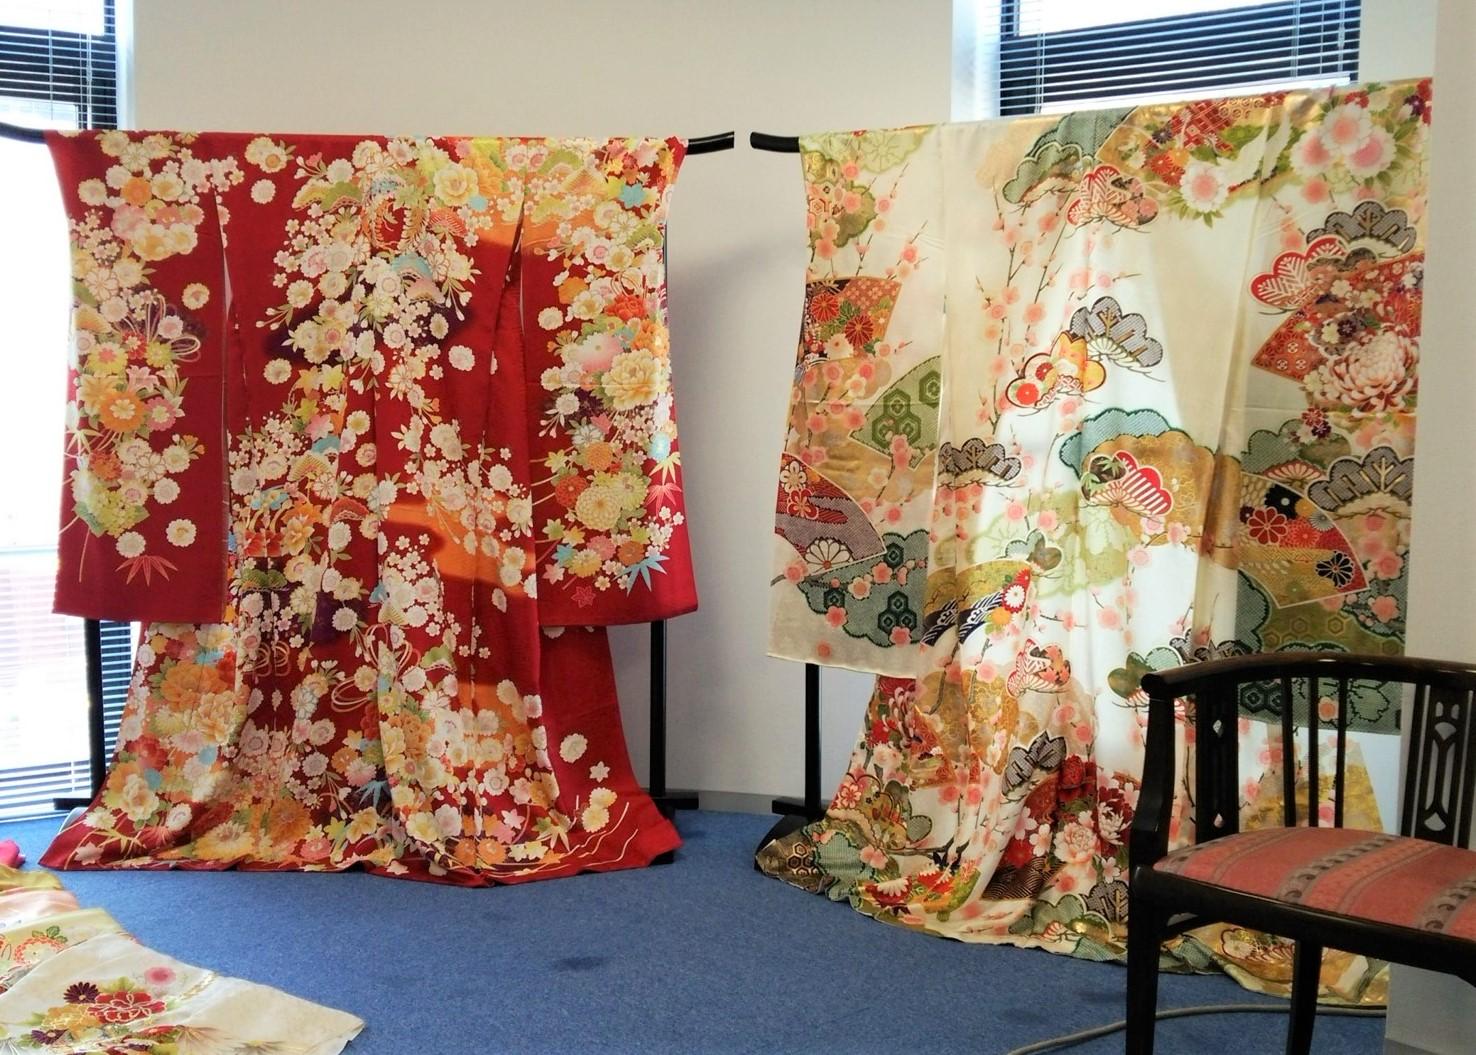 成人式振袖 レンタル azuma-dress.co.jp azuma-dress tokyo ブランビジュー東京 横浜